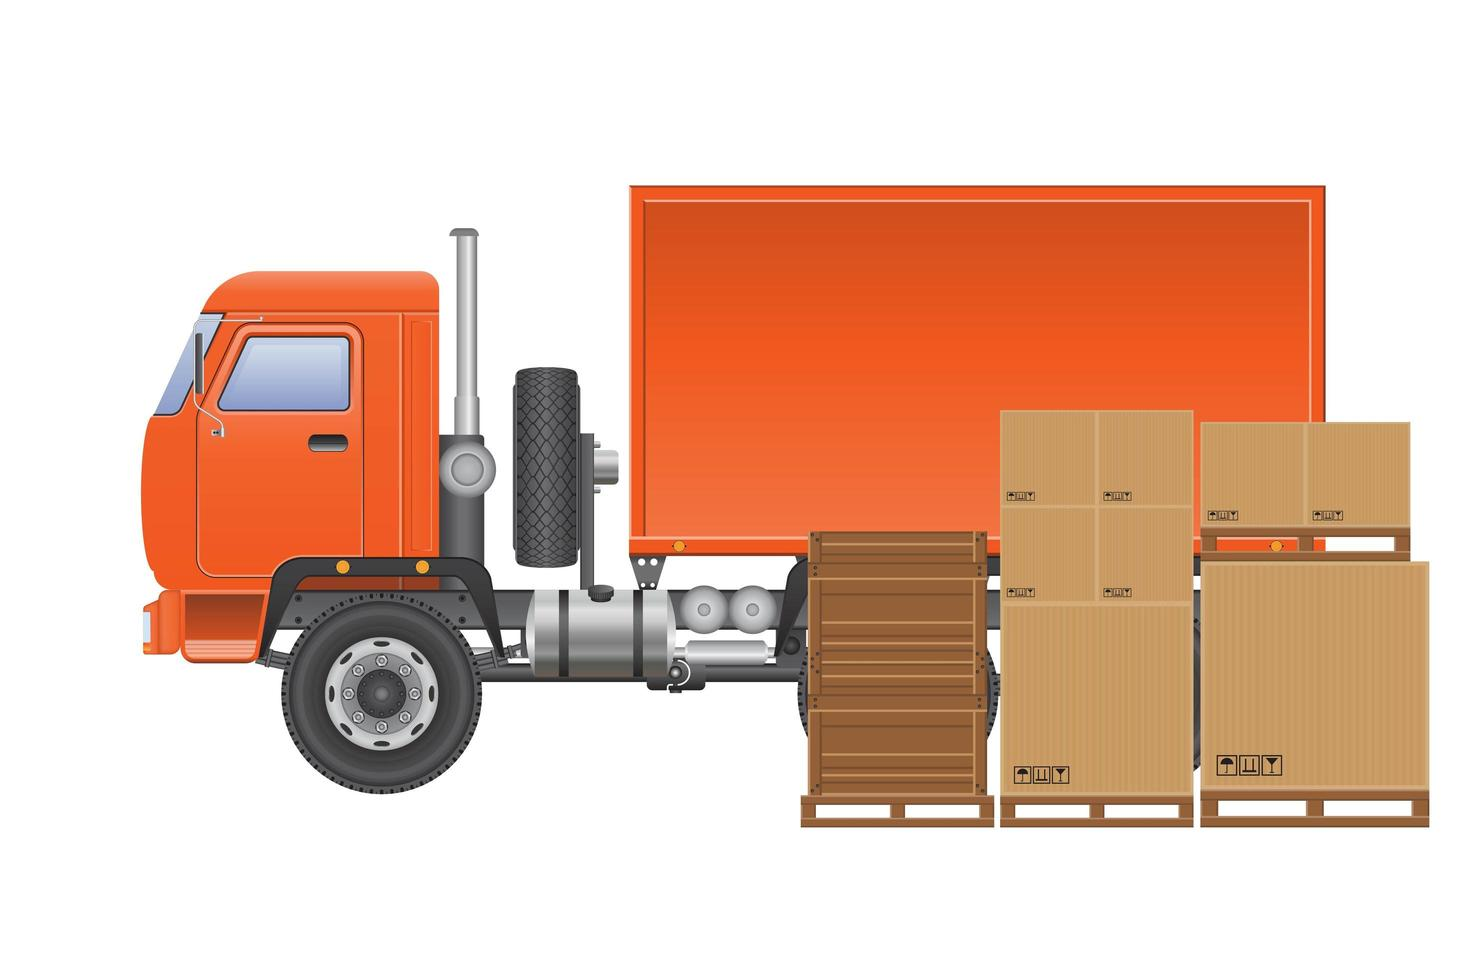 camion di consegna carico arancione vettore